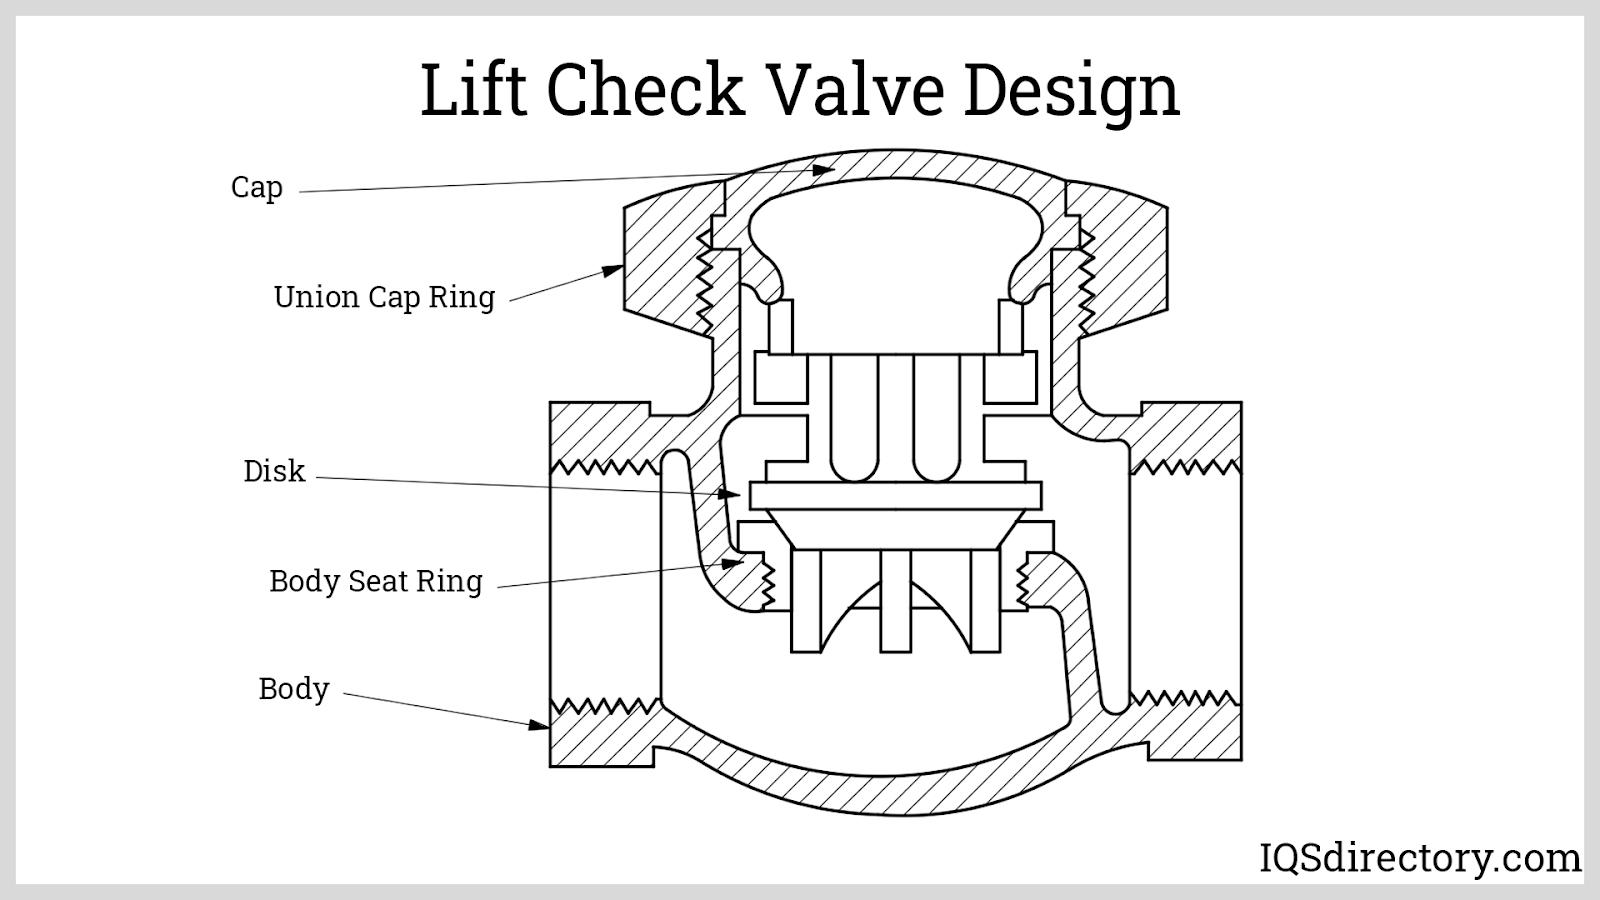 Lift Check Valve Design